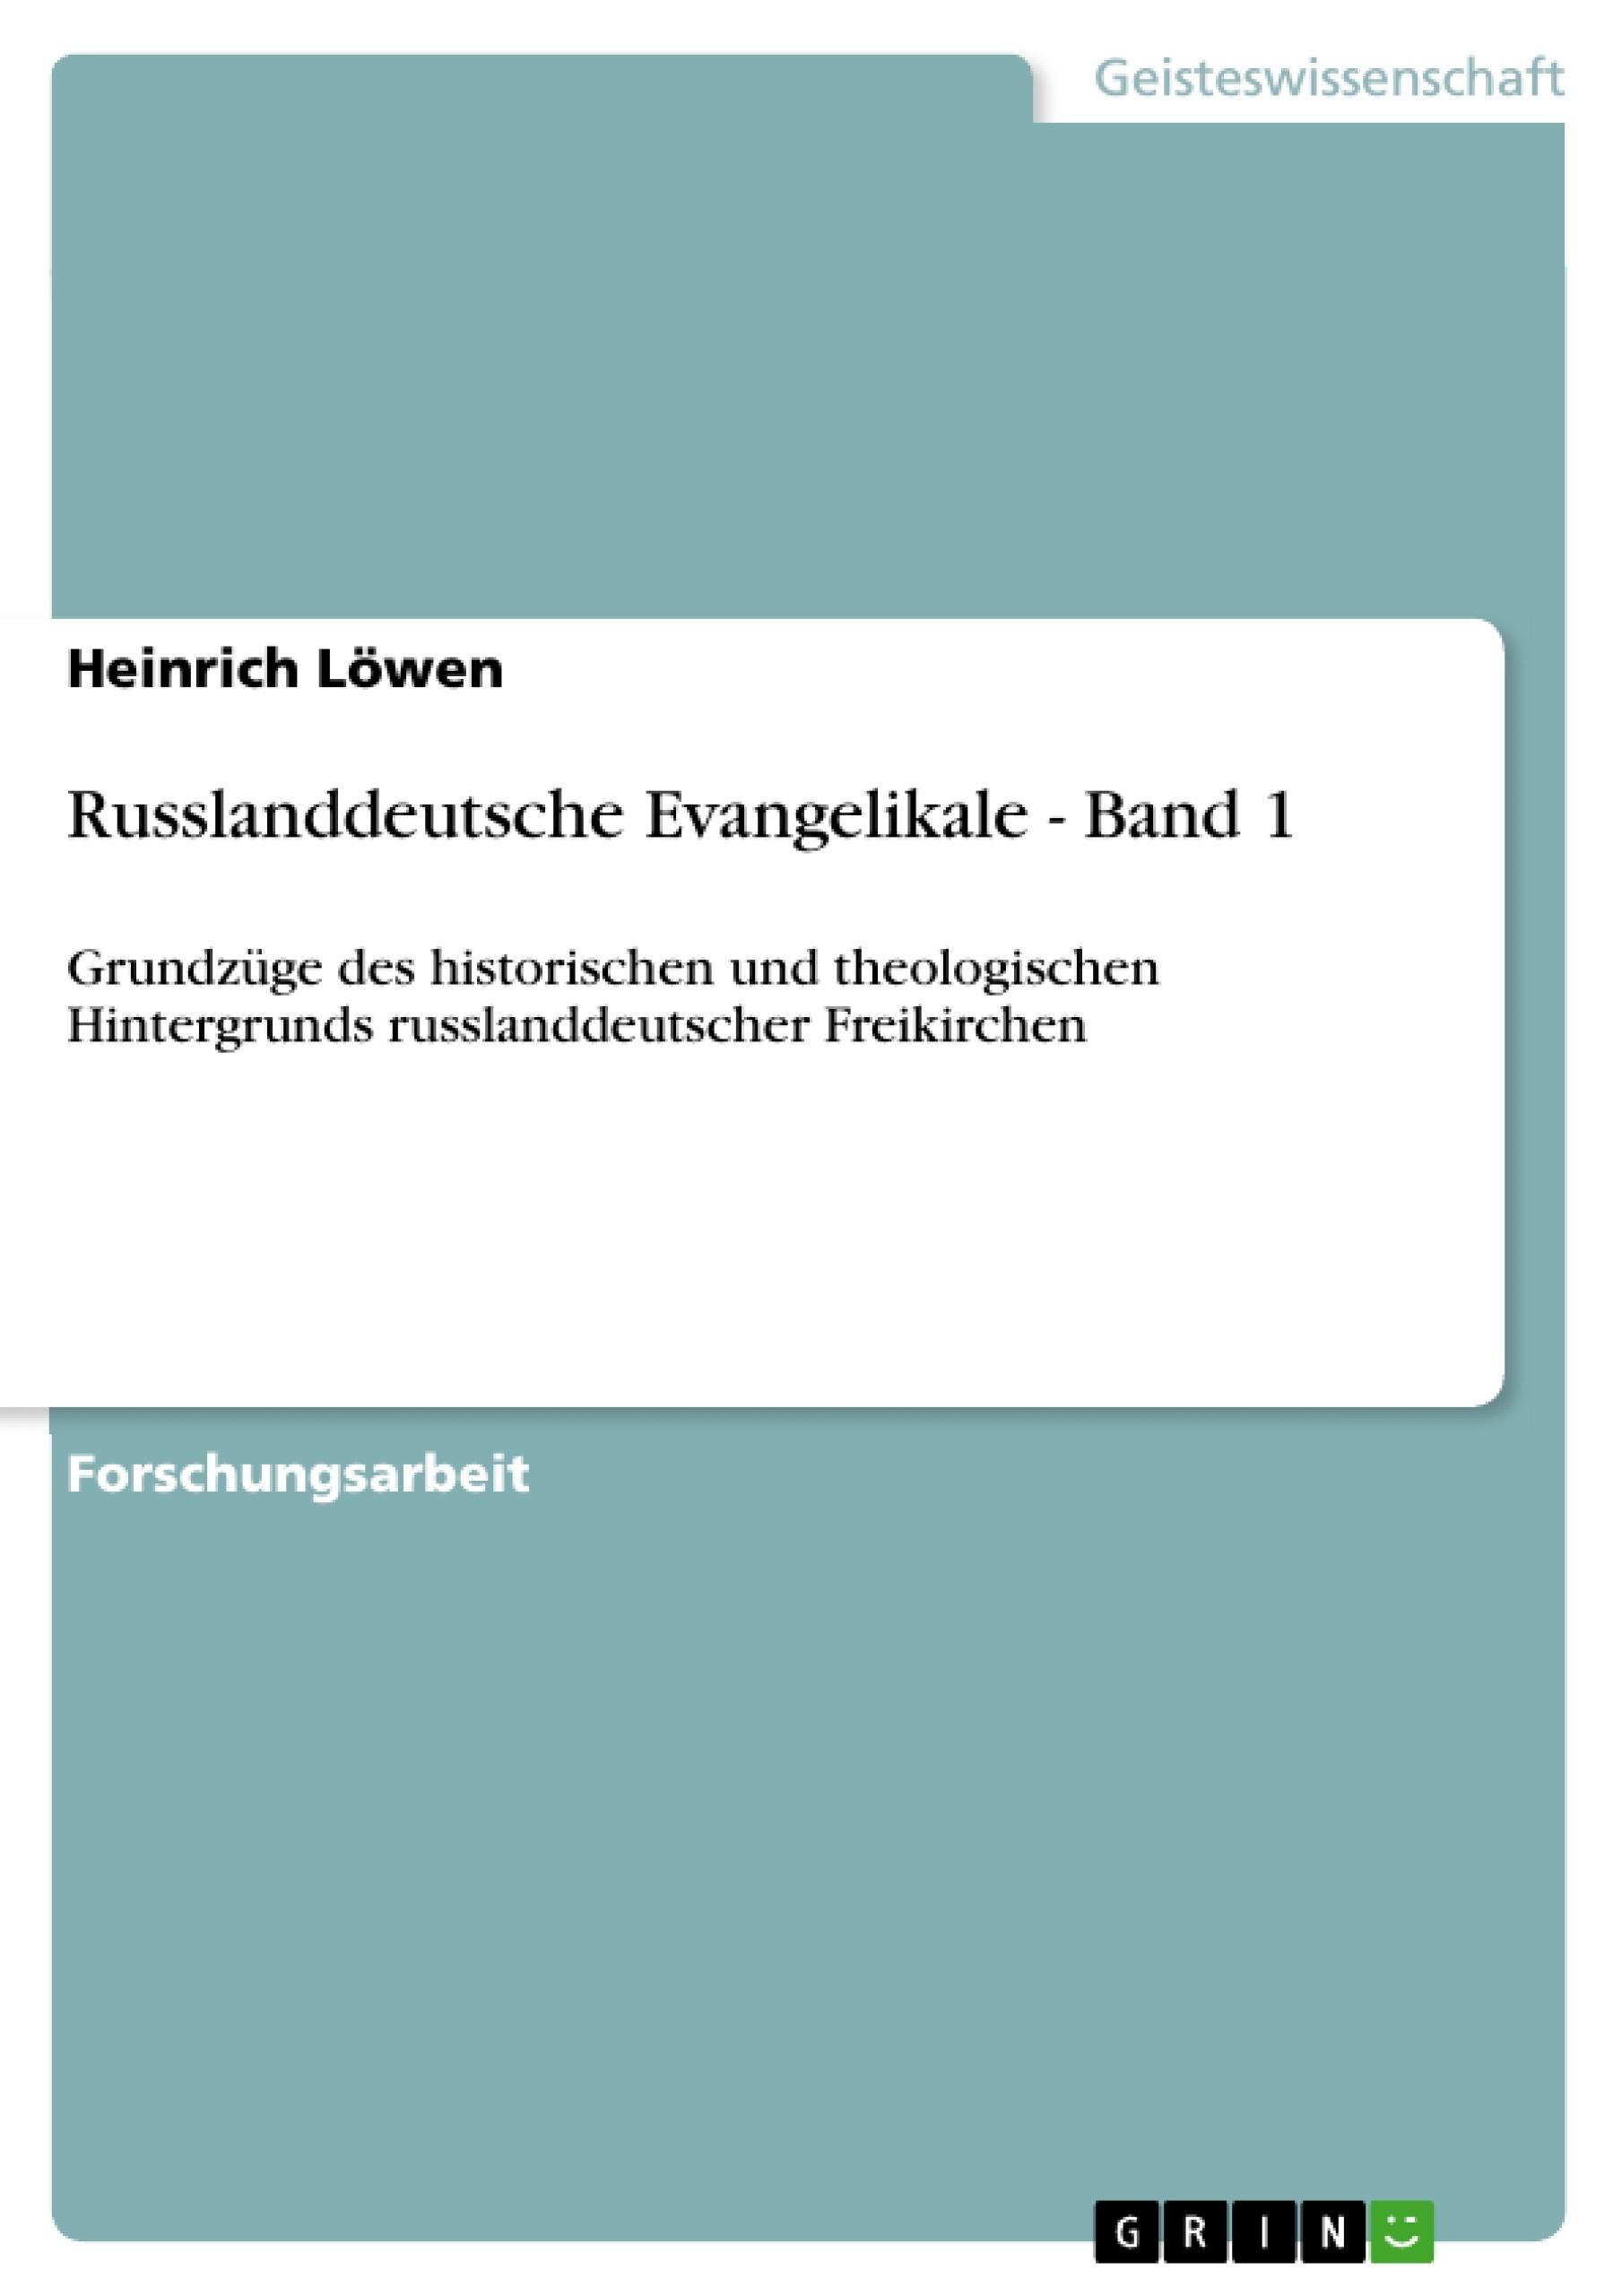 Titel: Russlanddeutsche Evangelikale - Band 1